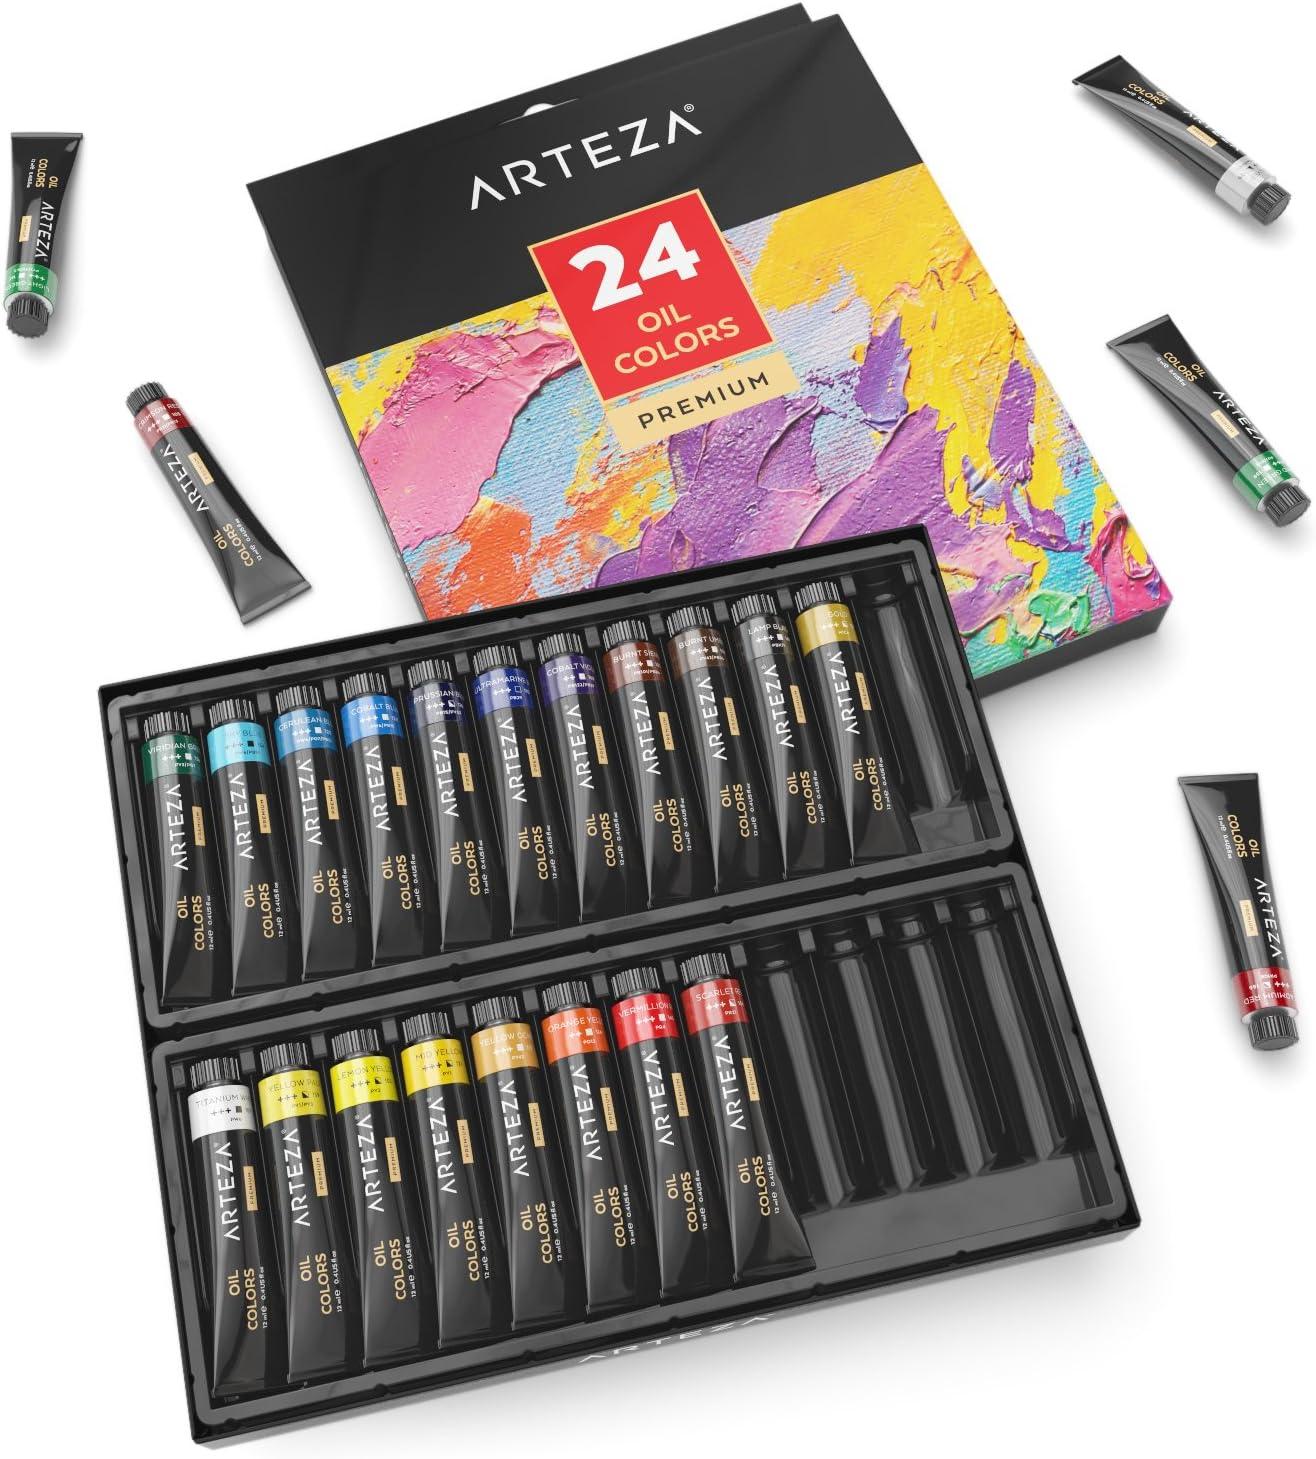 Pintura al óleo ARTEZA  tubos 24x12ml (DC4T)